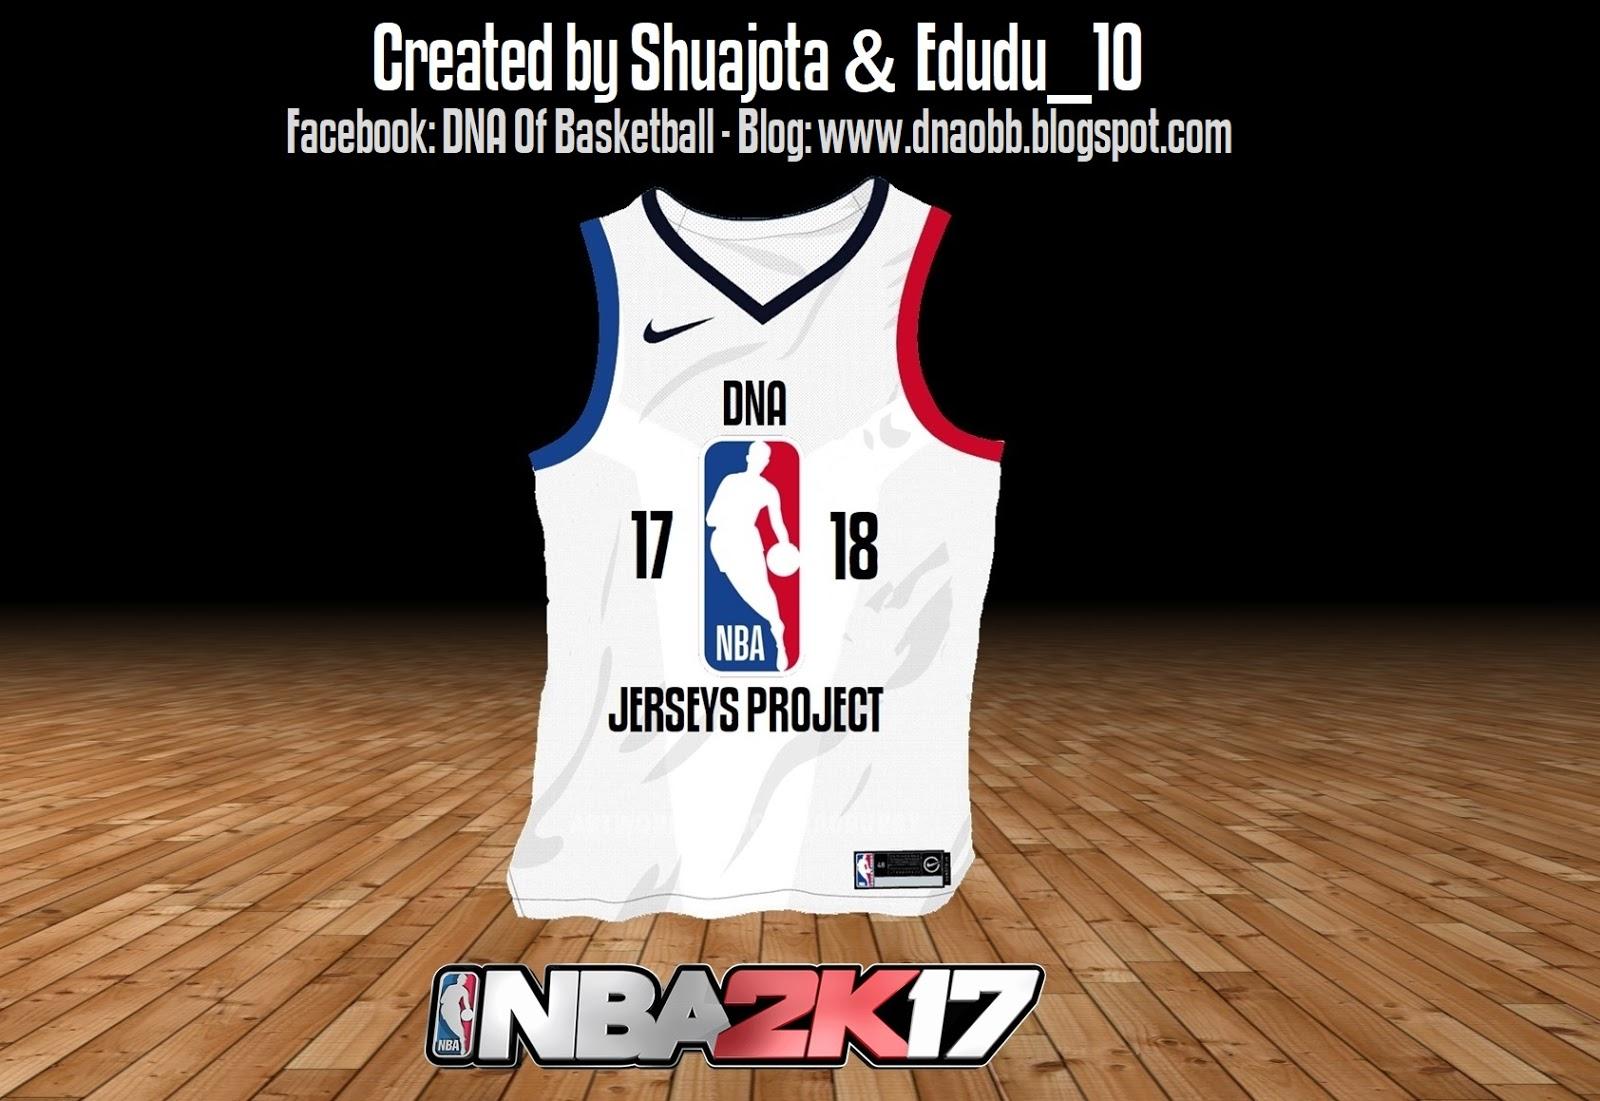 2f44e981fbd5 NBA 2K17 DNA Jerseys Project 17-18 by Shuajota   Edudu 10 RELEASED.  Shuajota 2 years ago NBA 2K17 Jerseys